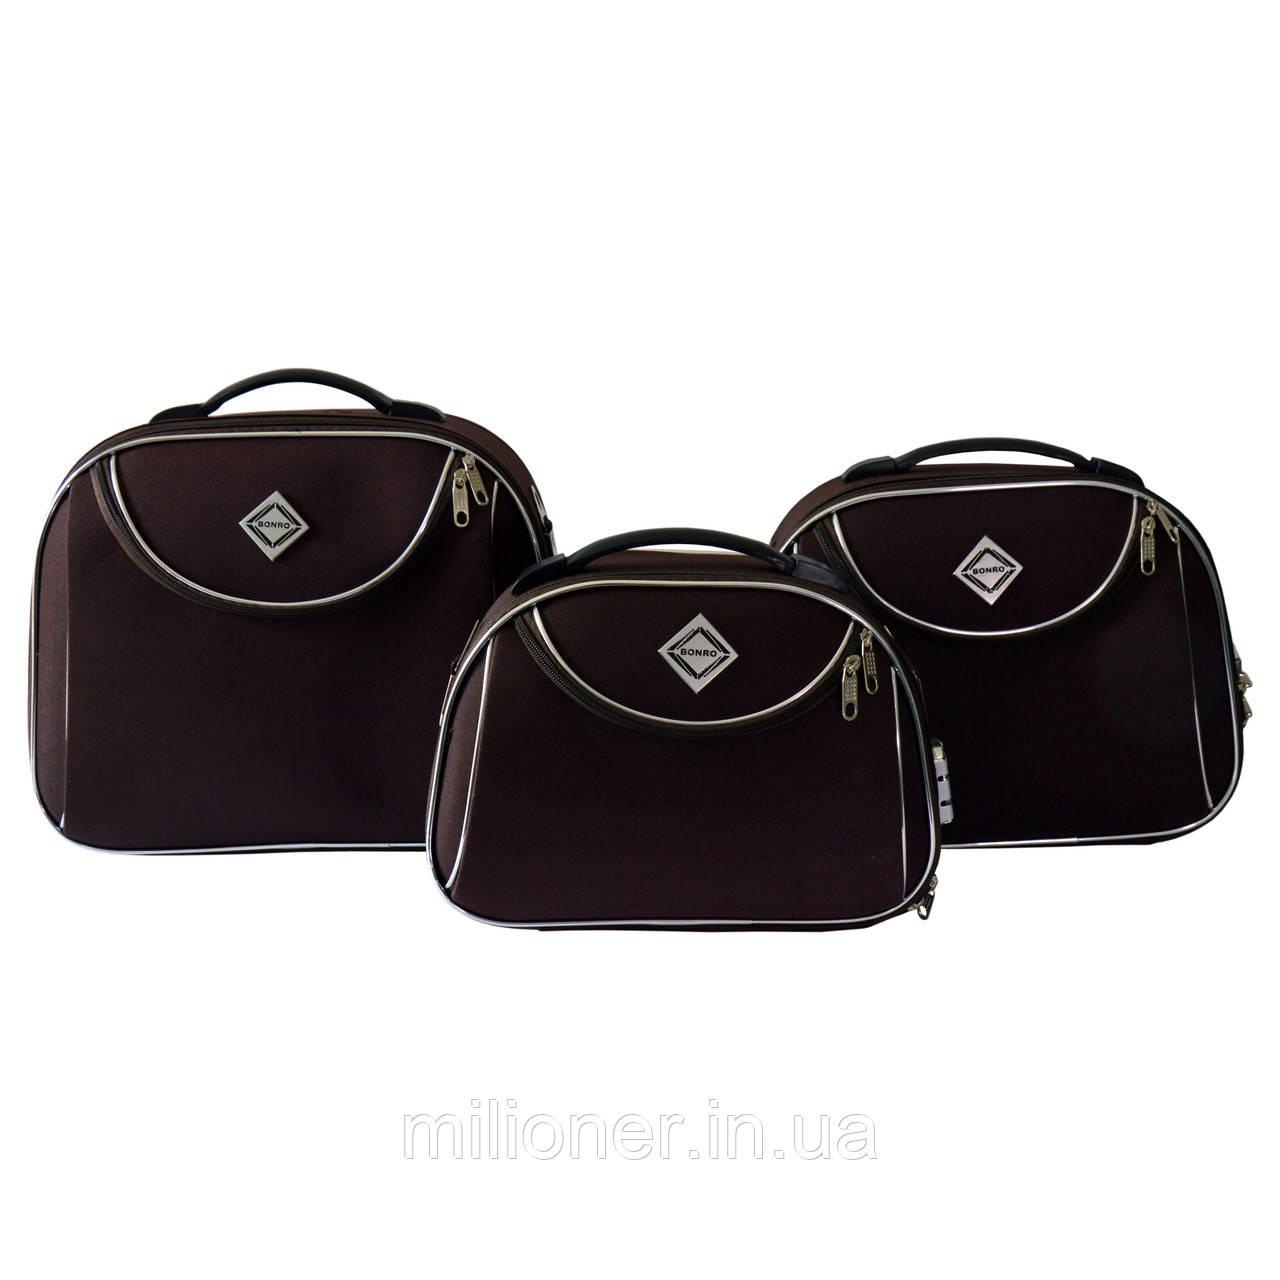 Сумка кейс саквояж 3в1 Bonro Style коричневый